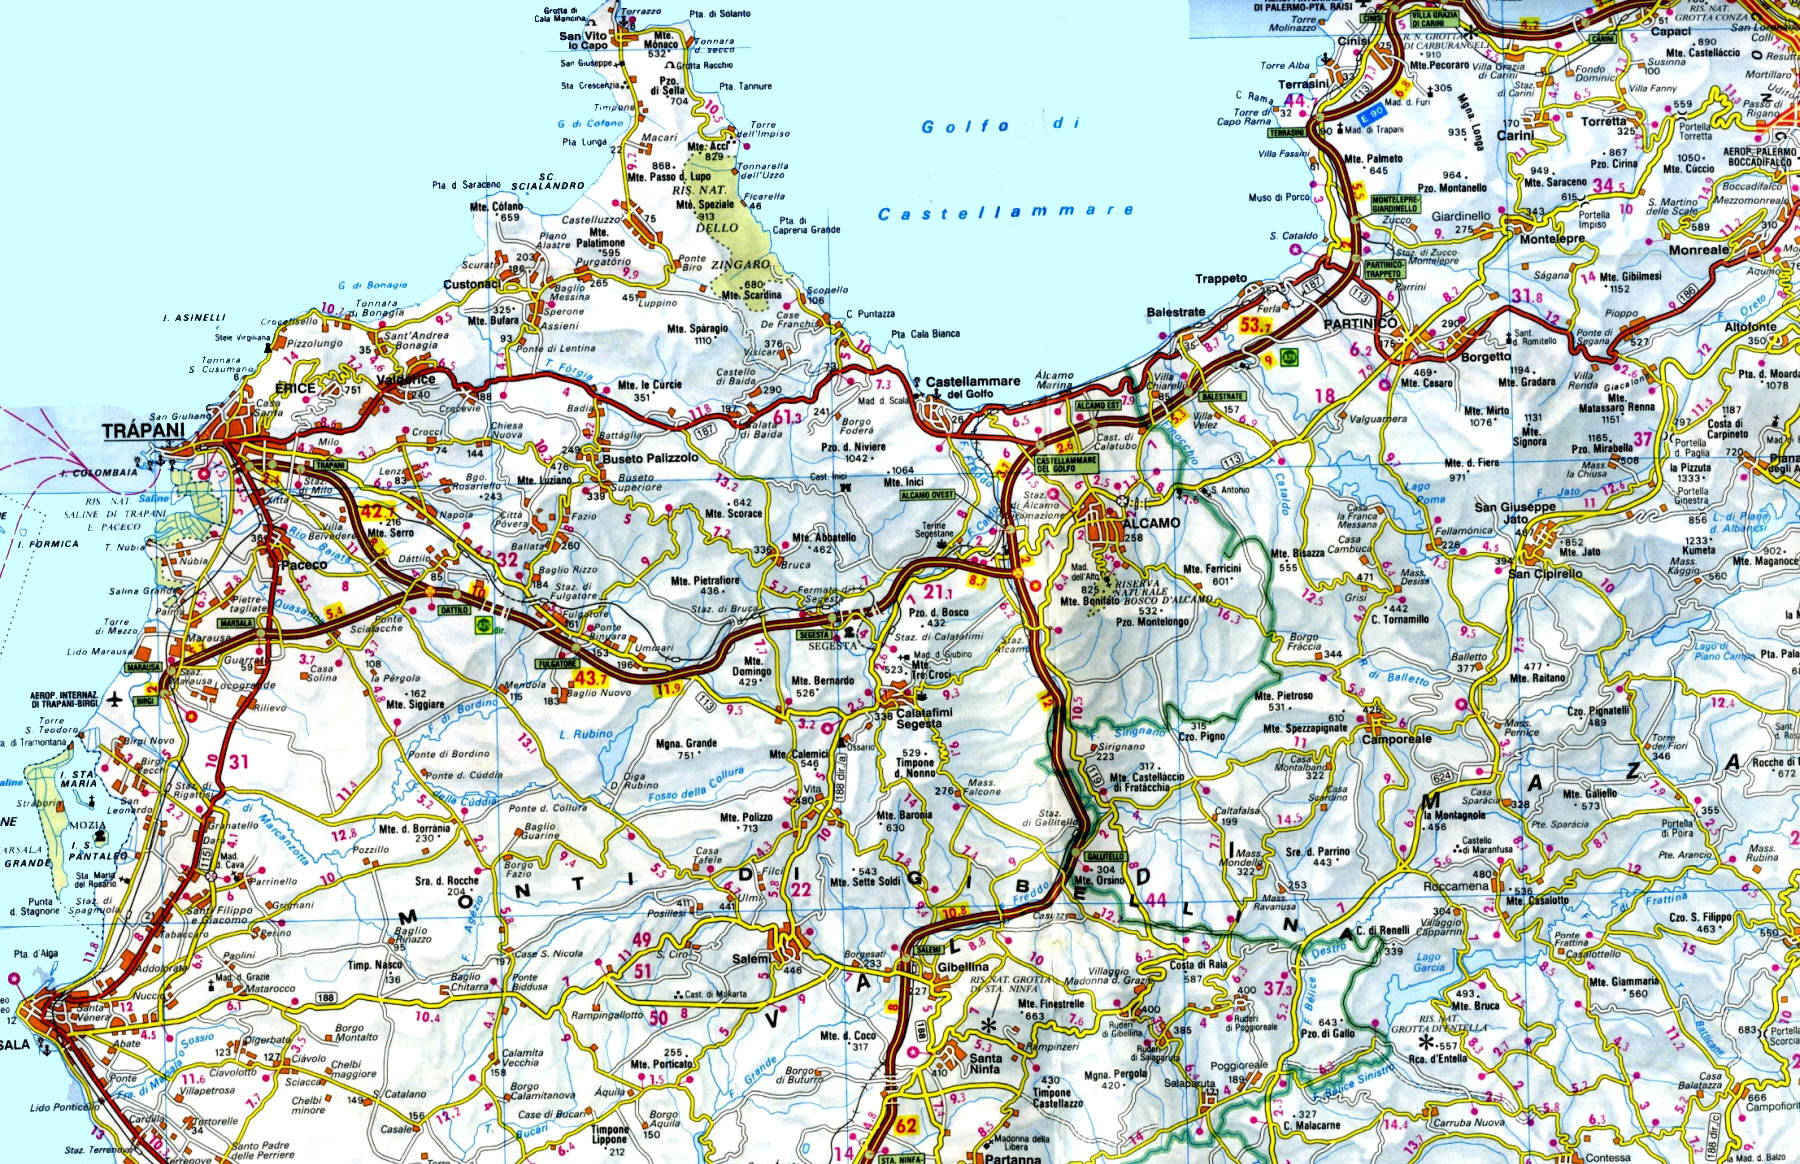 Cartina Fisica Sicilia Dettagliata.Sicilia In Moto Moto Sicilia Itinerari Sicilia Moto